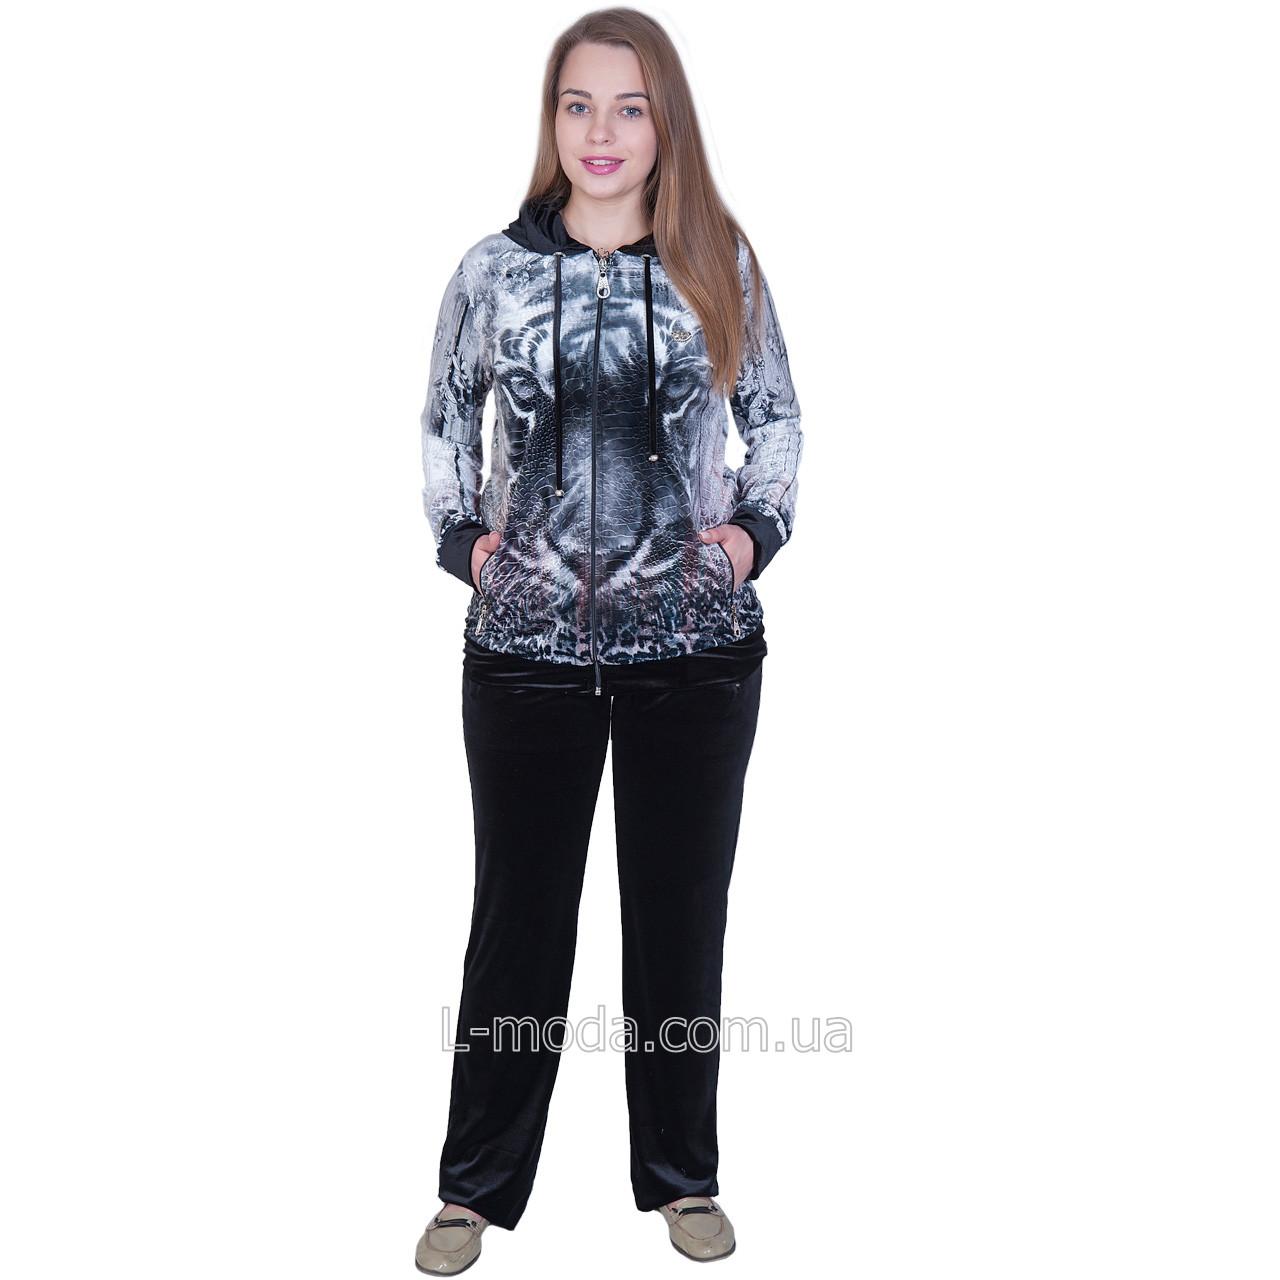 2b061137d960 Спортивный костюм женский велюровый туретского бренда   продажа ...